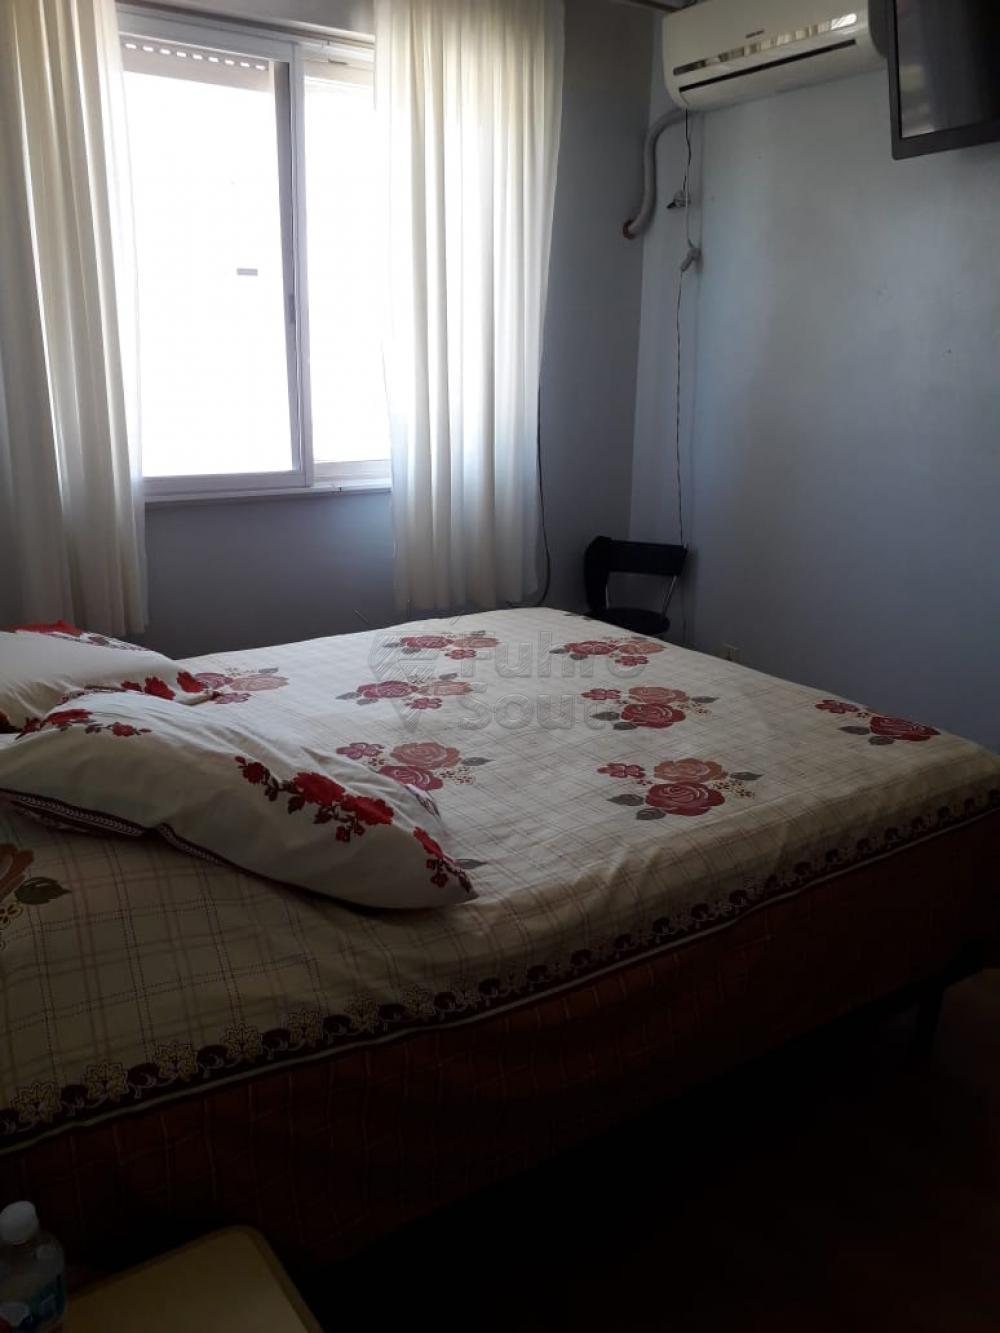 Comprar Apartamento / Padrão em Pelotas R$ 254.400,00 - Foto 3